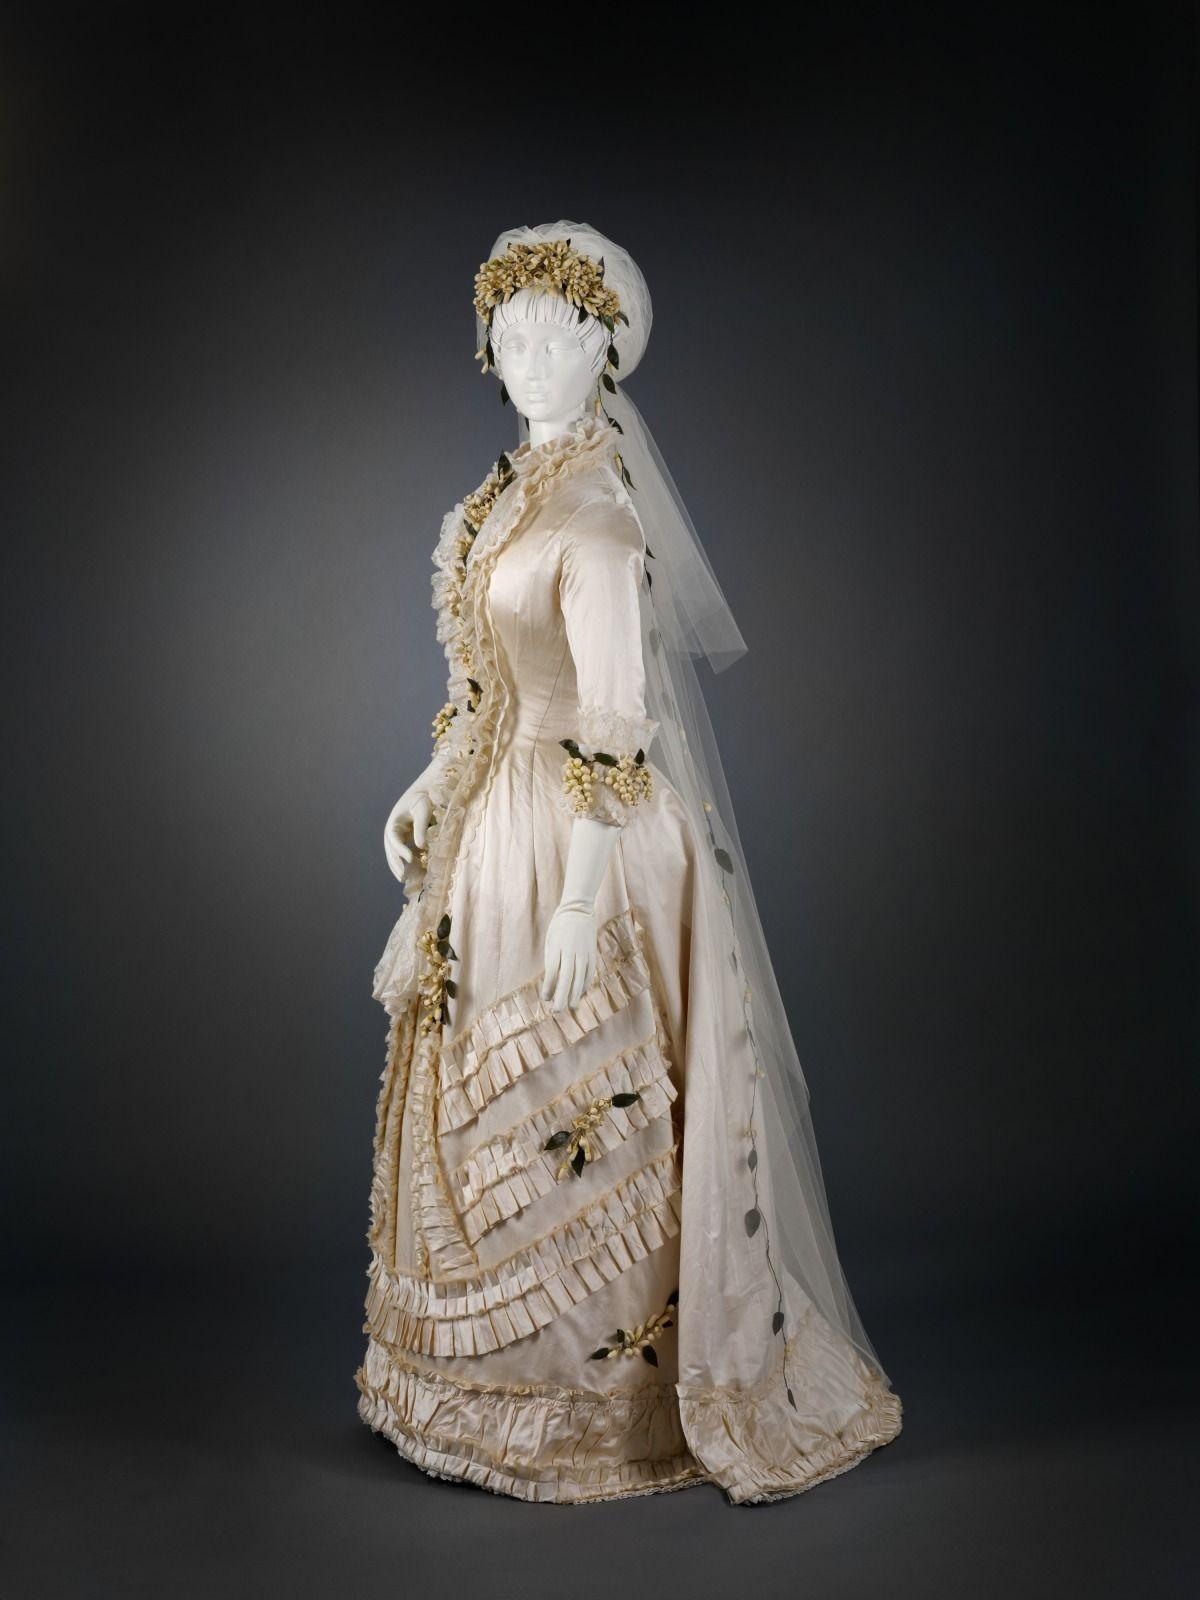 Fashions From History 1879 Wedding dress. Cincinnati